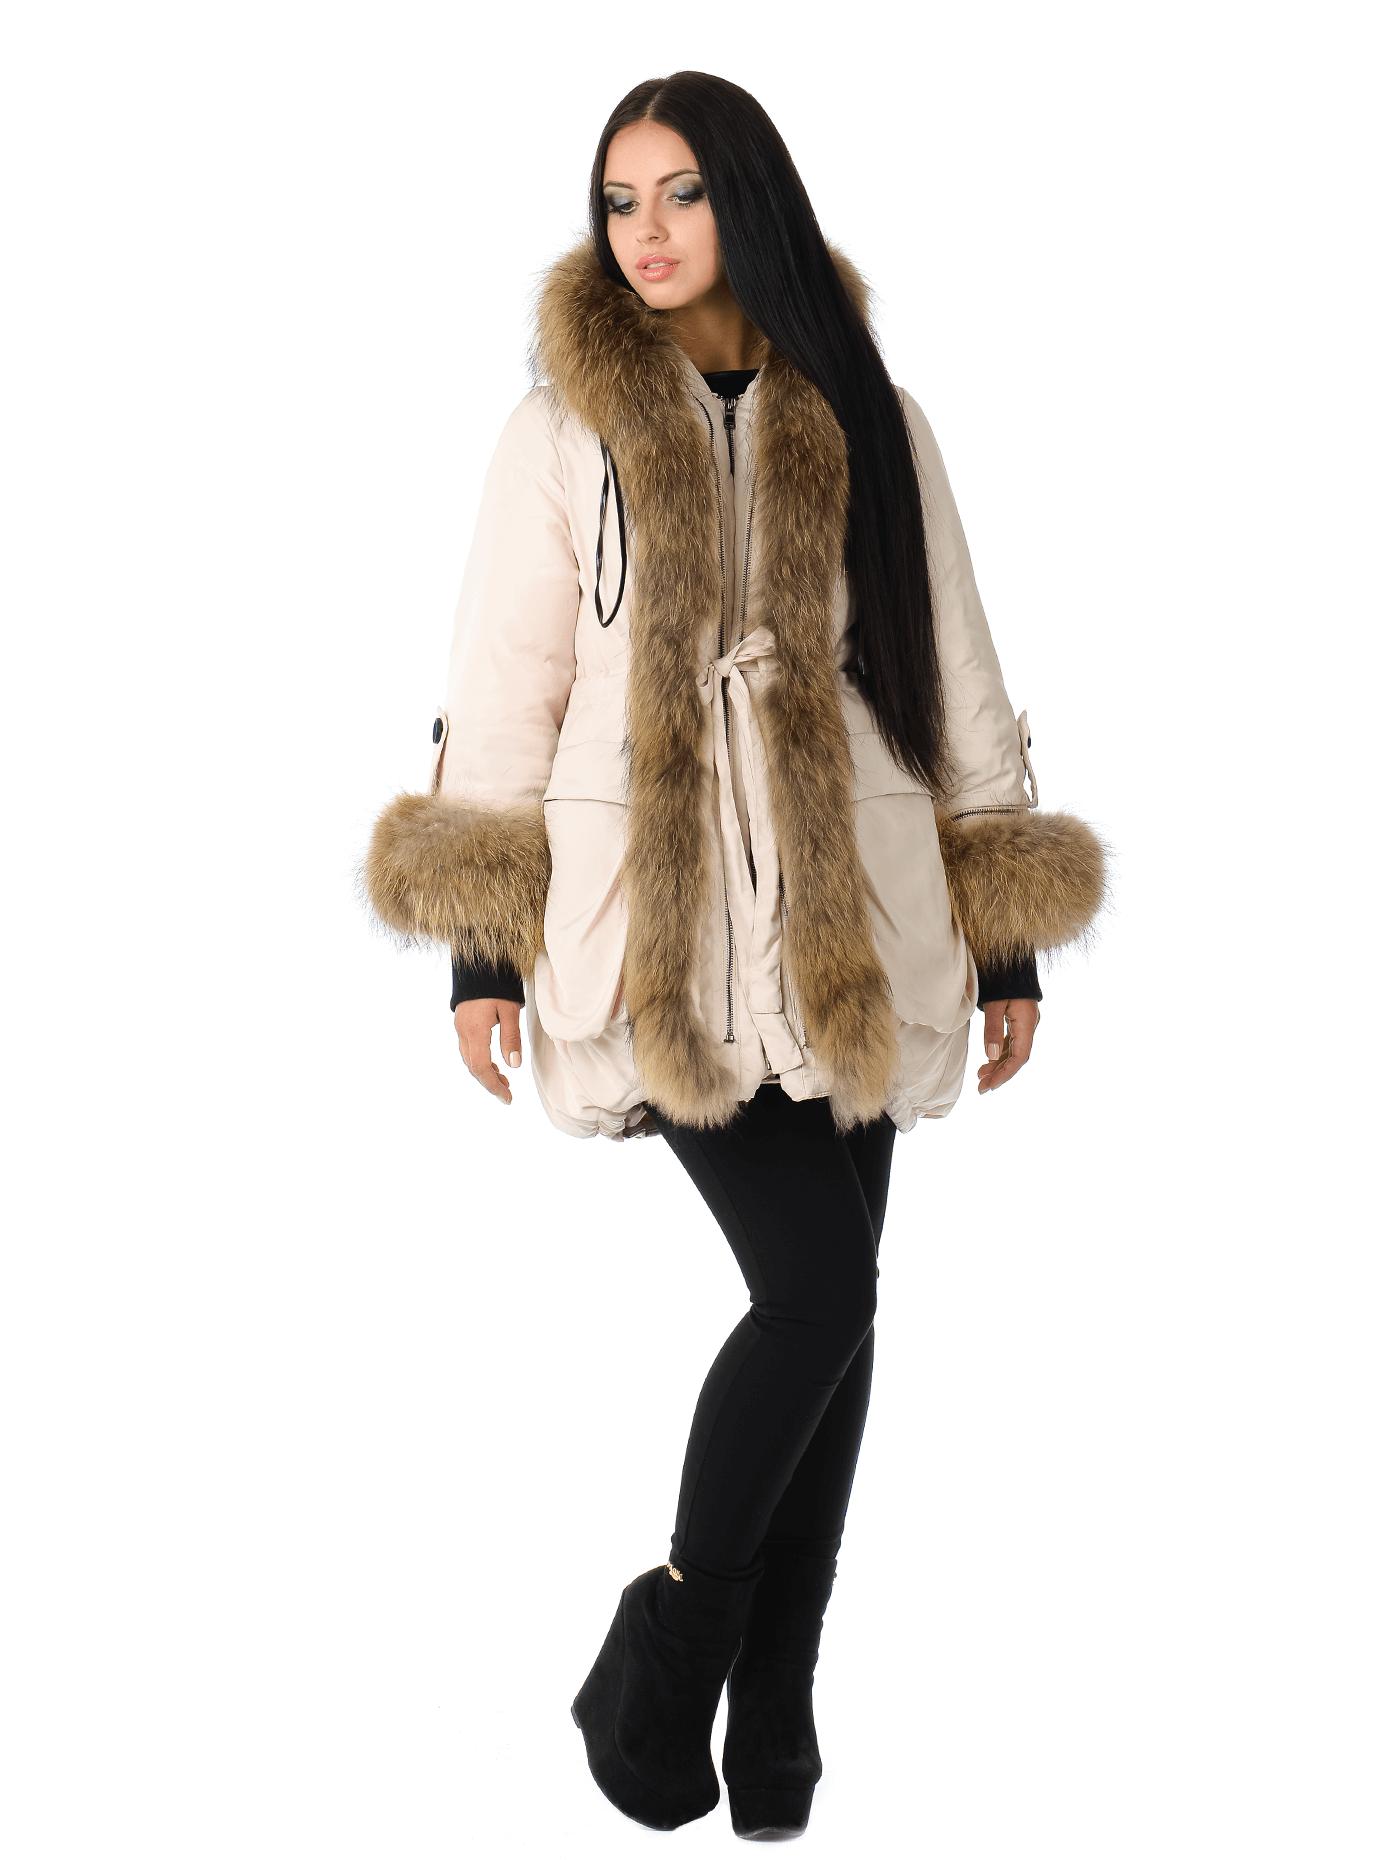 Женская зимняя куртка с мехом енота Чёрный S (05-ZZ19099): фото - Alster.ua